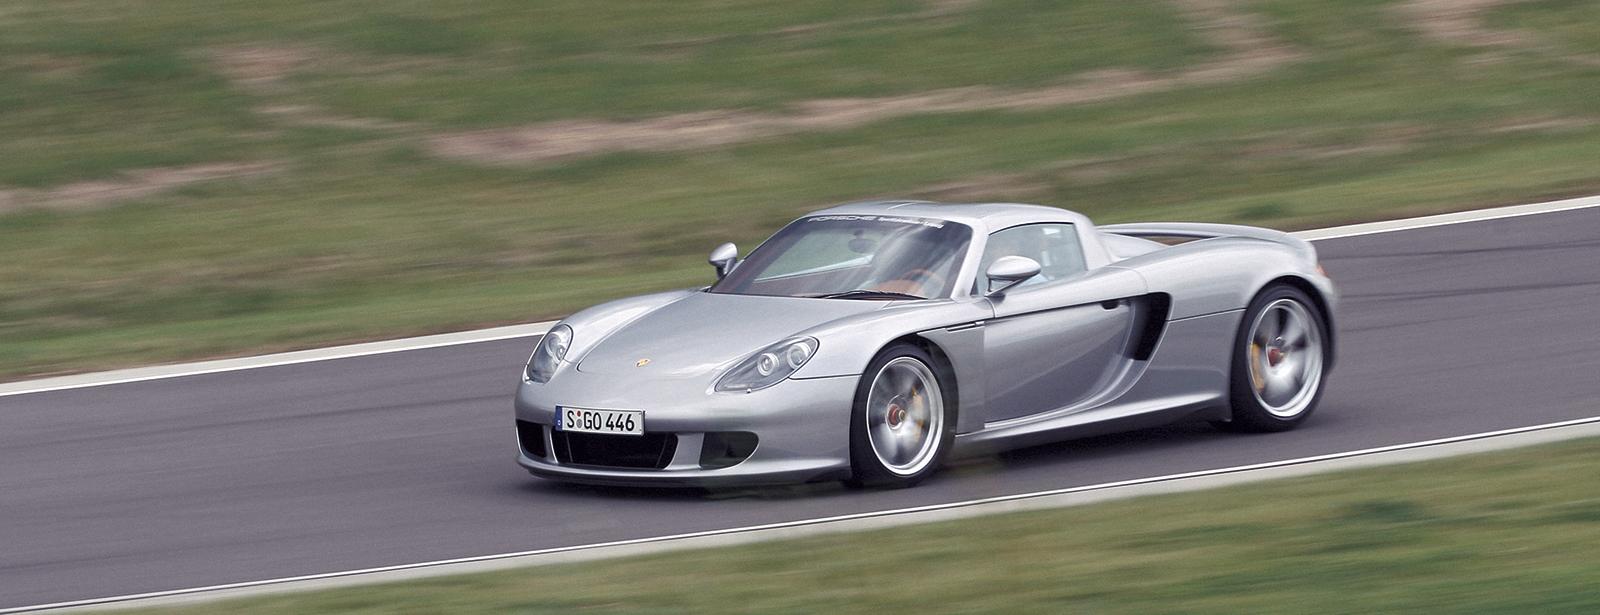 Porsche Carrera GT Stützpunkt